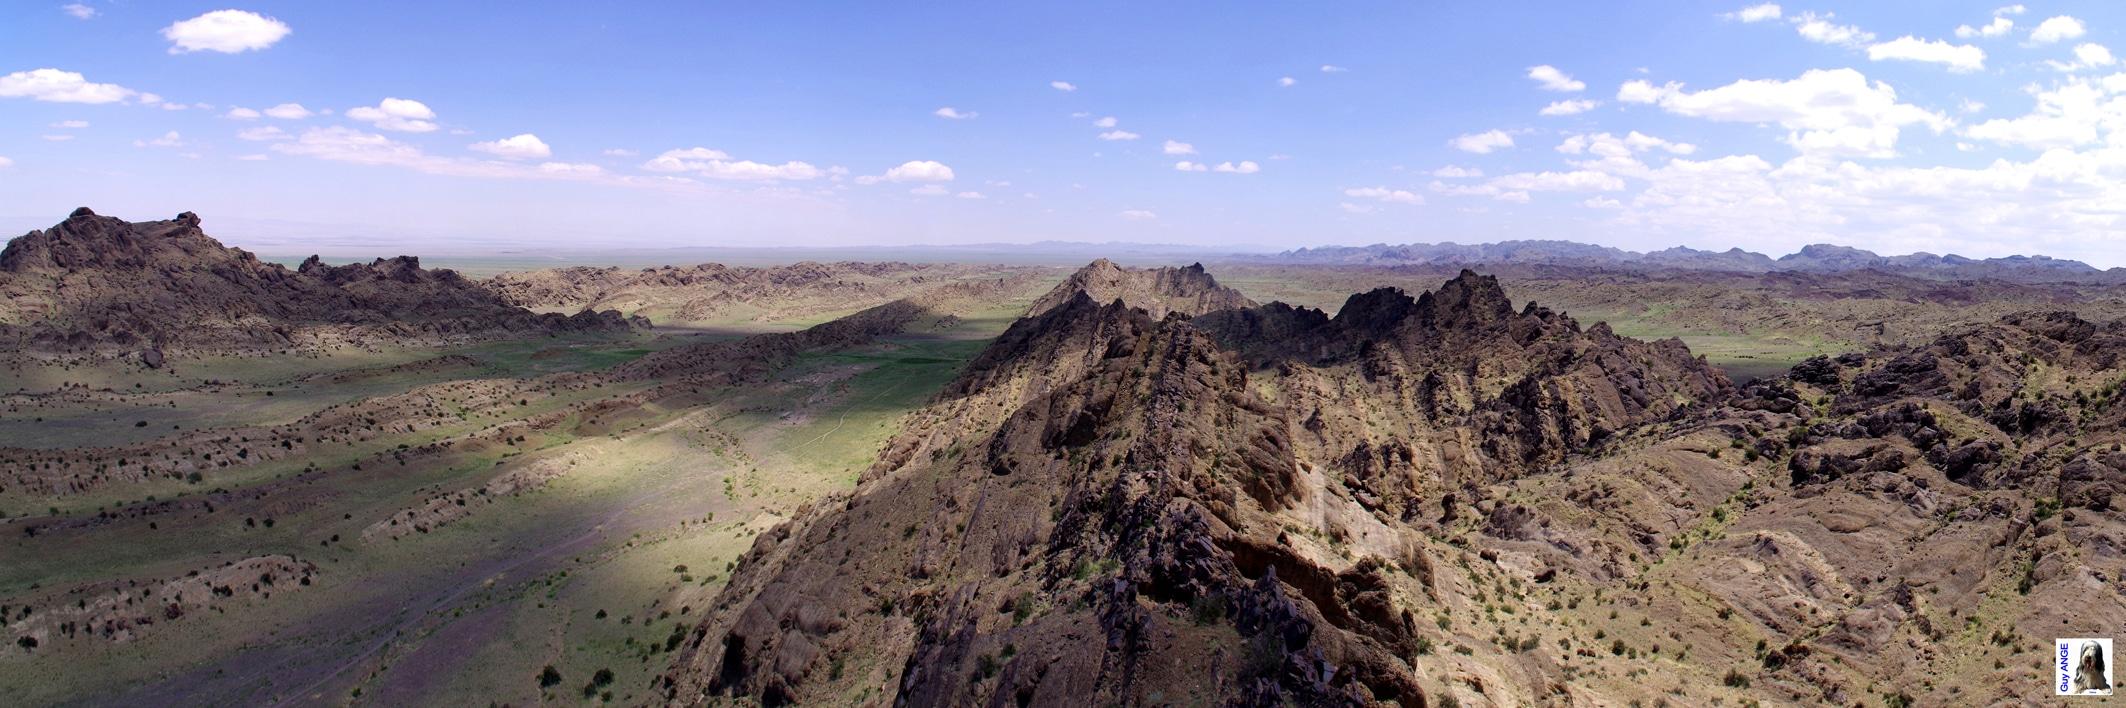 Dans le désert mongole.